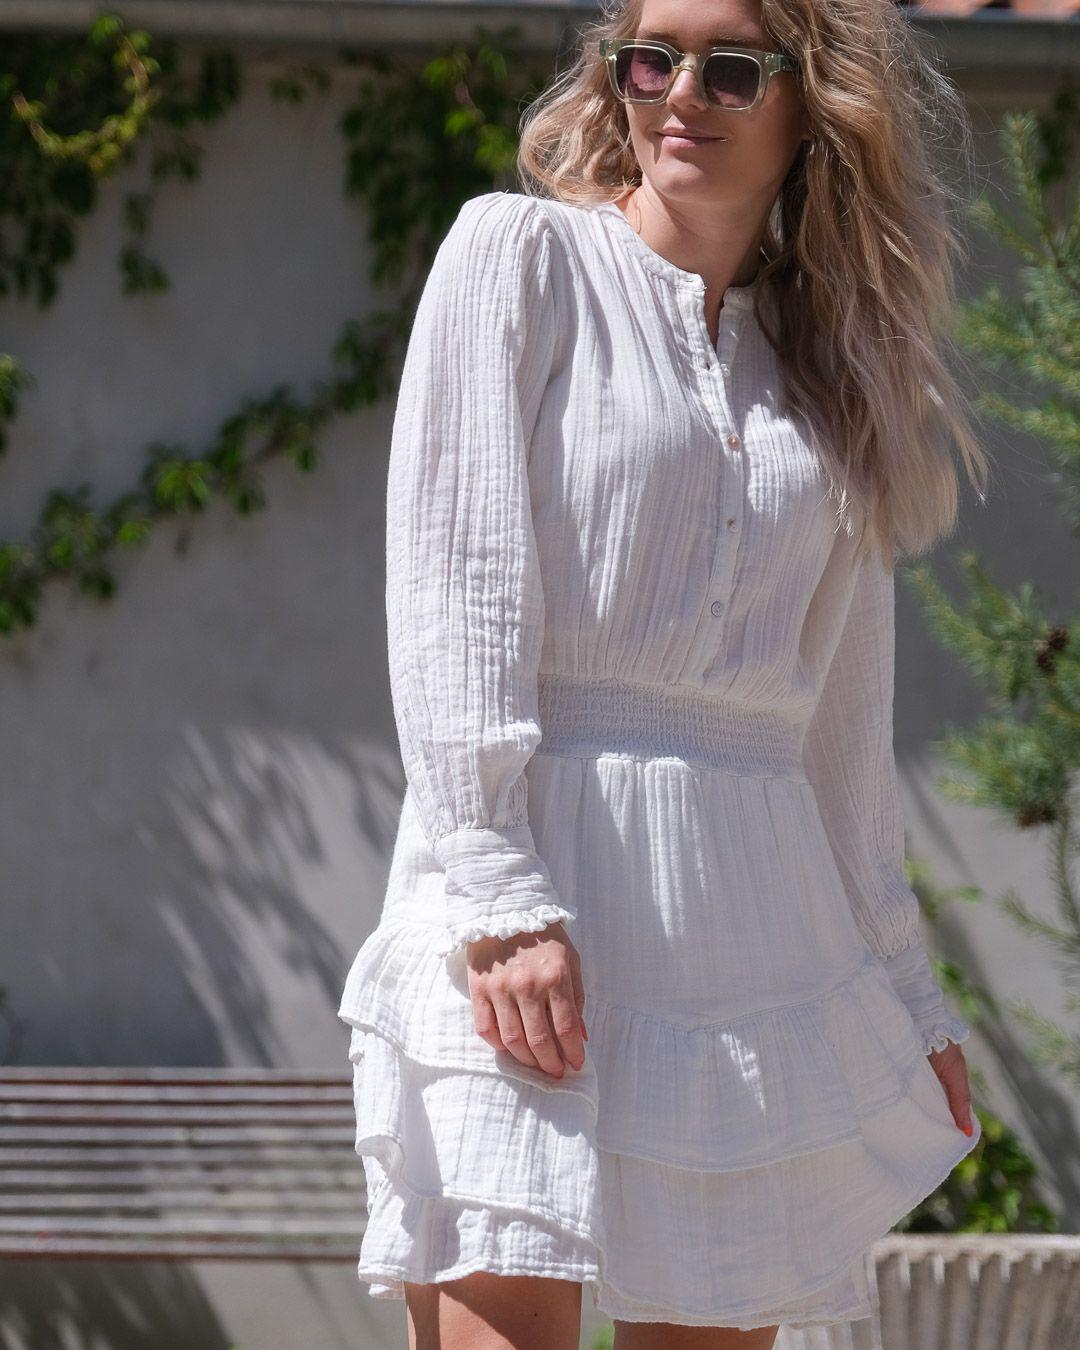 Neo Noir hvit kjole